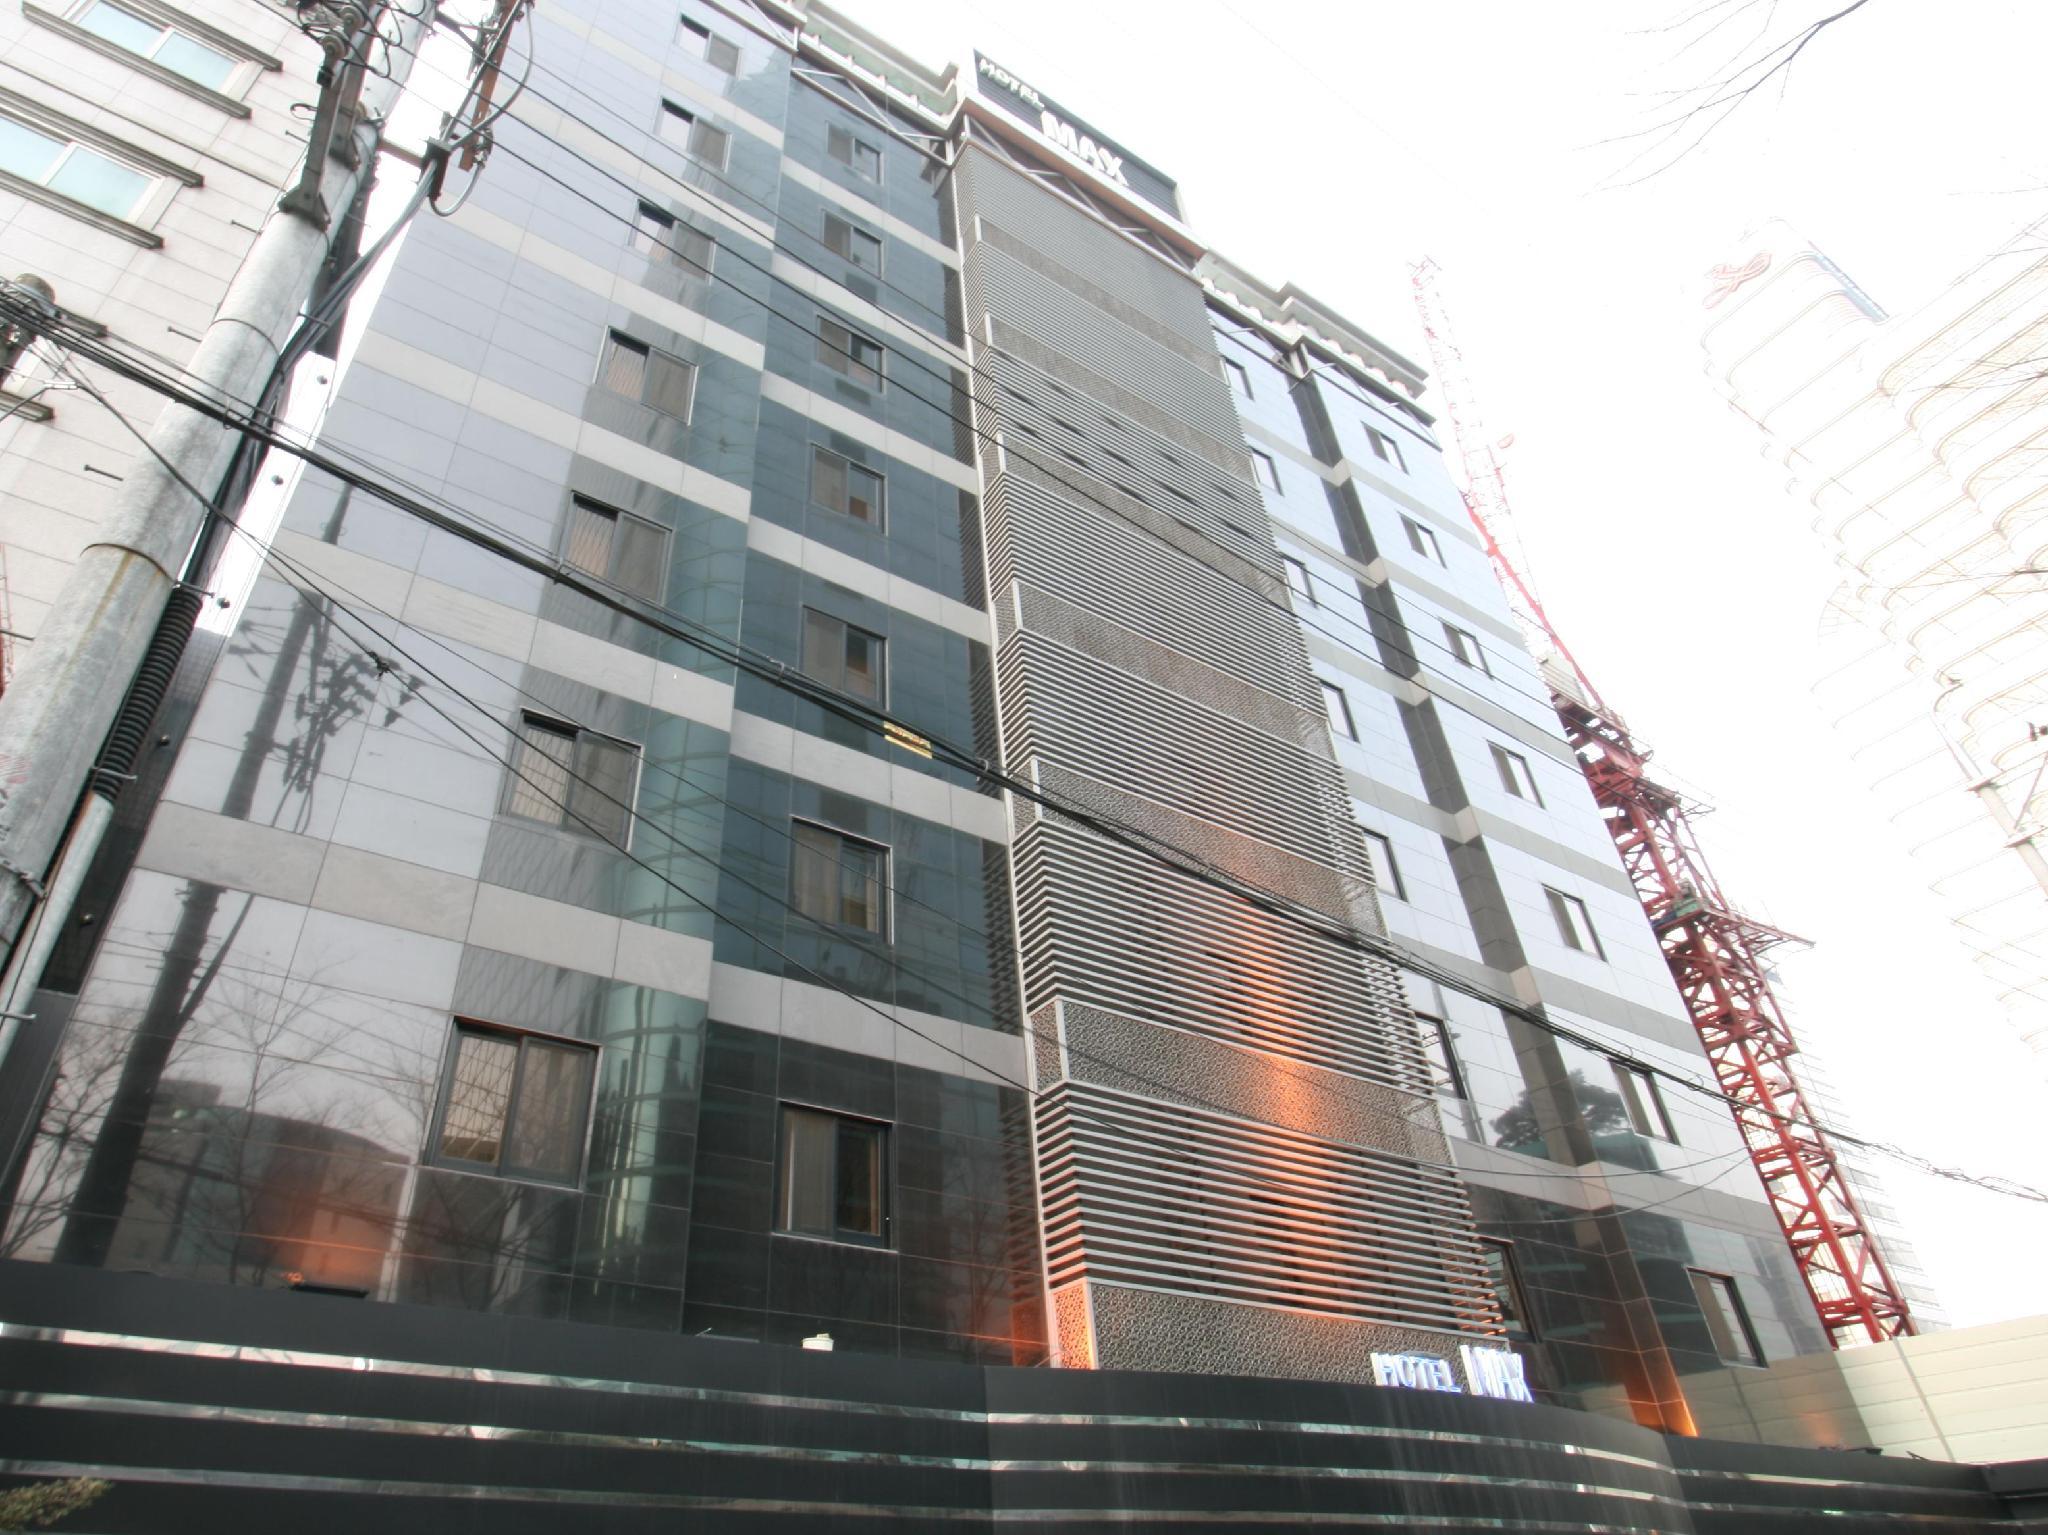 Max Hotel Seoul - Hotel Facility